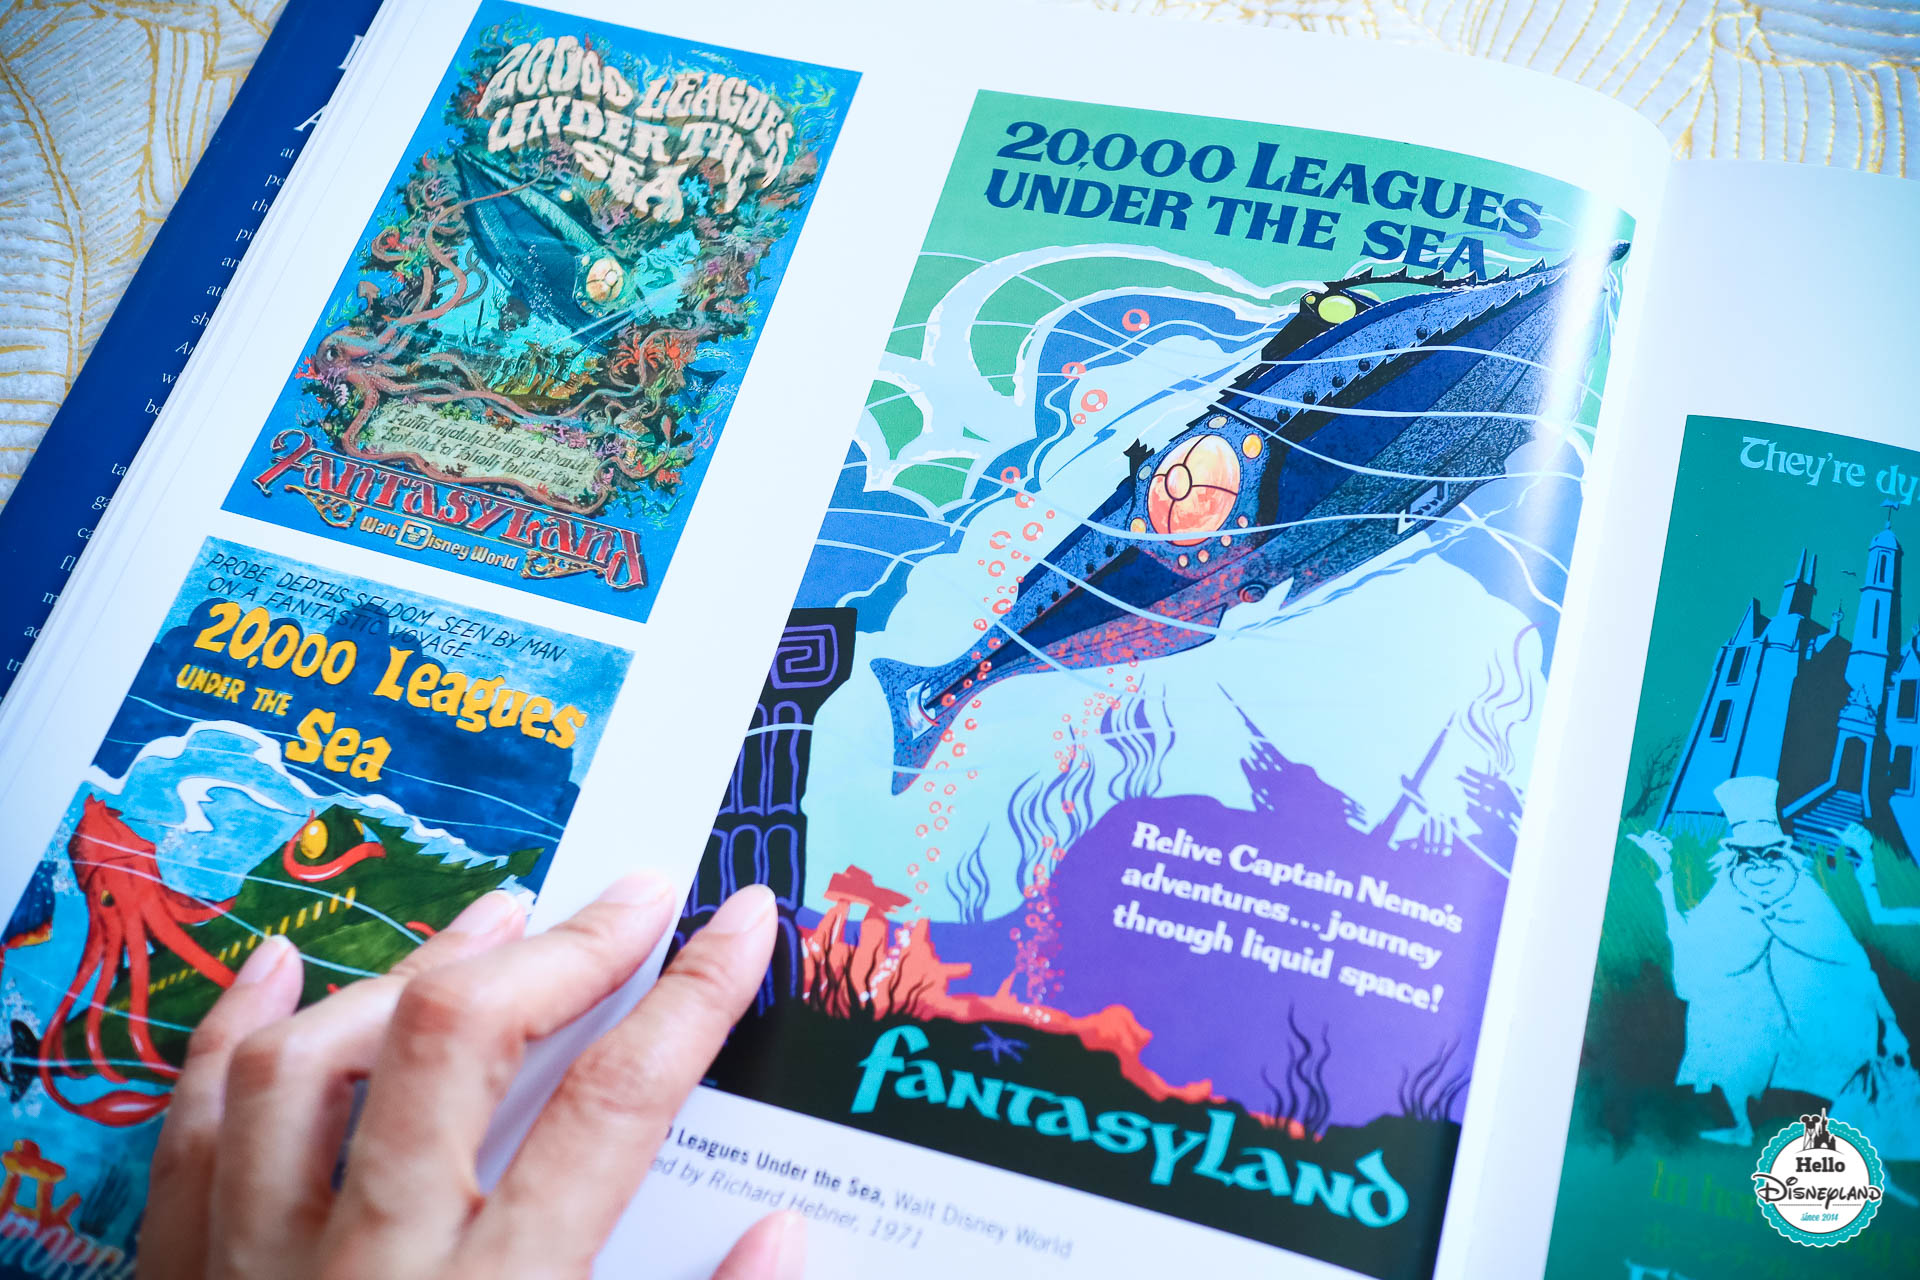 livre sur les posters d'attractions Disney ? Poster Art of the Disney Park